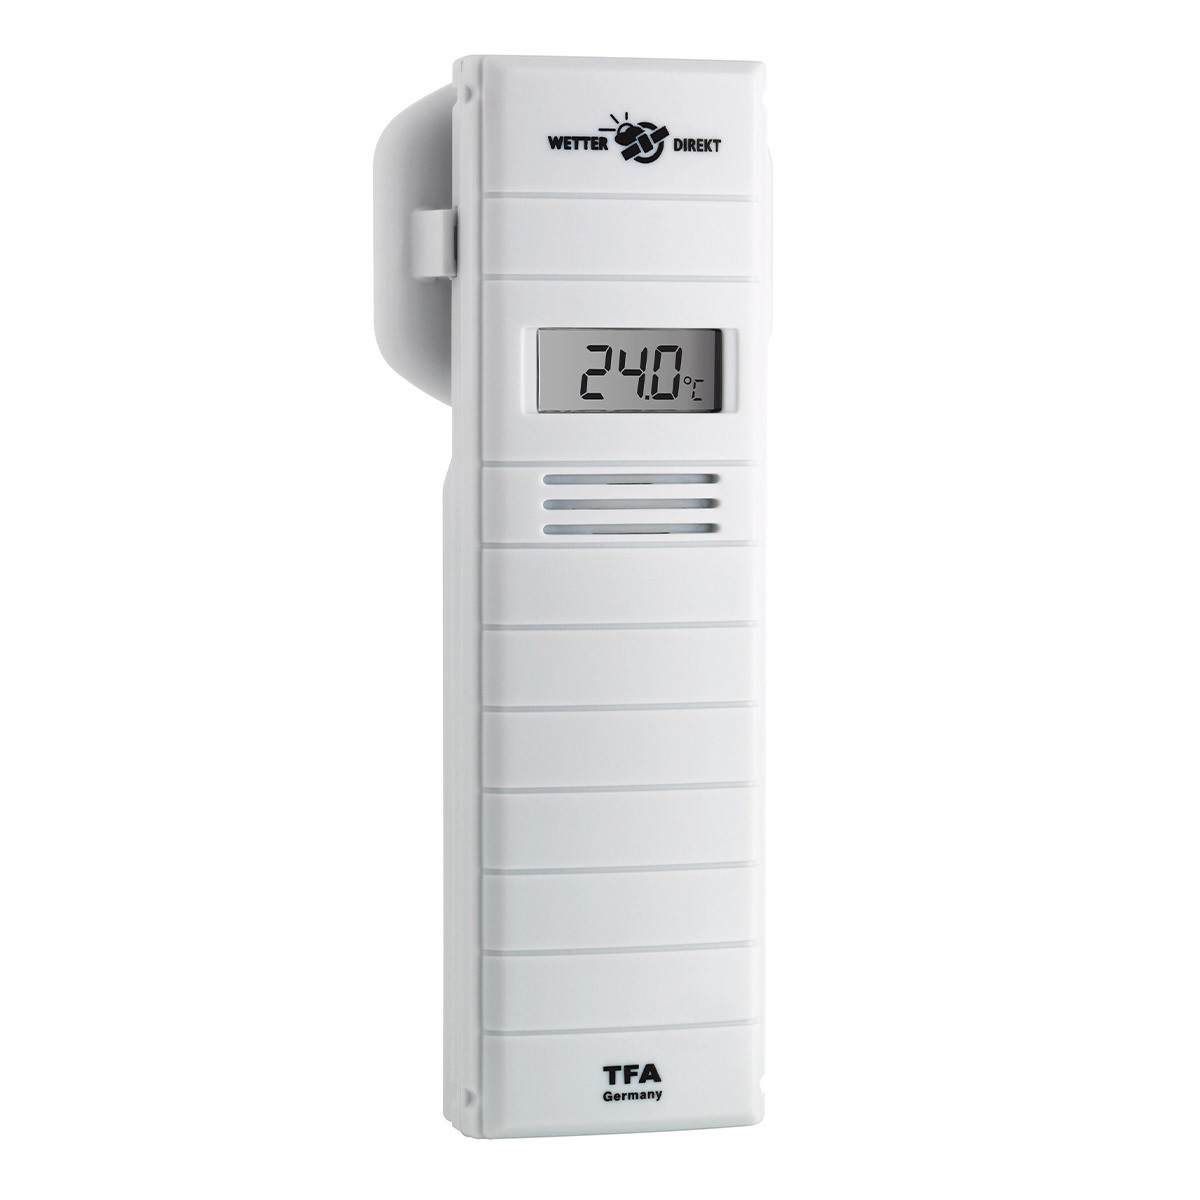 30-3155-wd-thermo-hygro-sender-wetterdirekt-ansicht2-1200x1200px.jpg